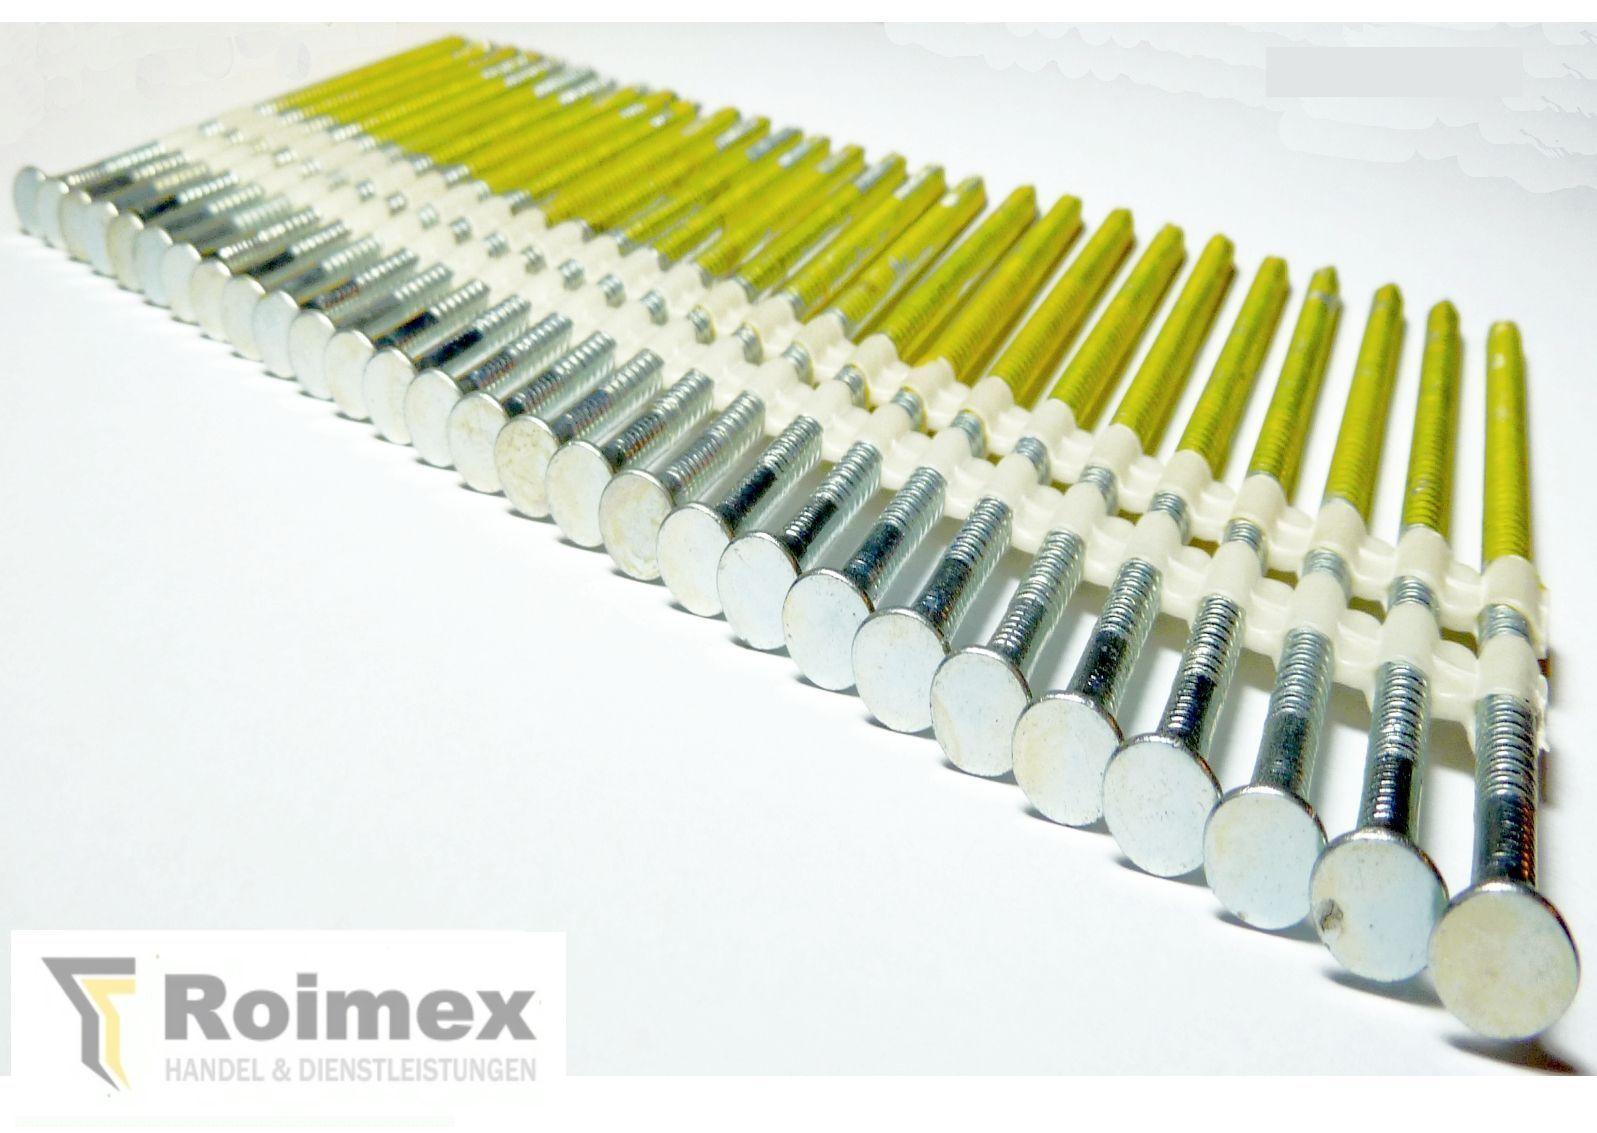 3000 Streifennägel 20 -22° plast. 50-100mm für BeA Bostitch Paslode Prebena u.a.  | Günstigen Preis